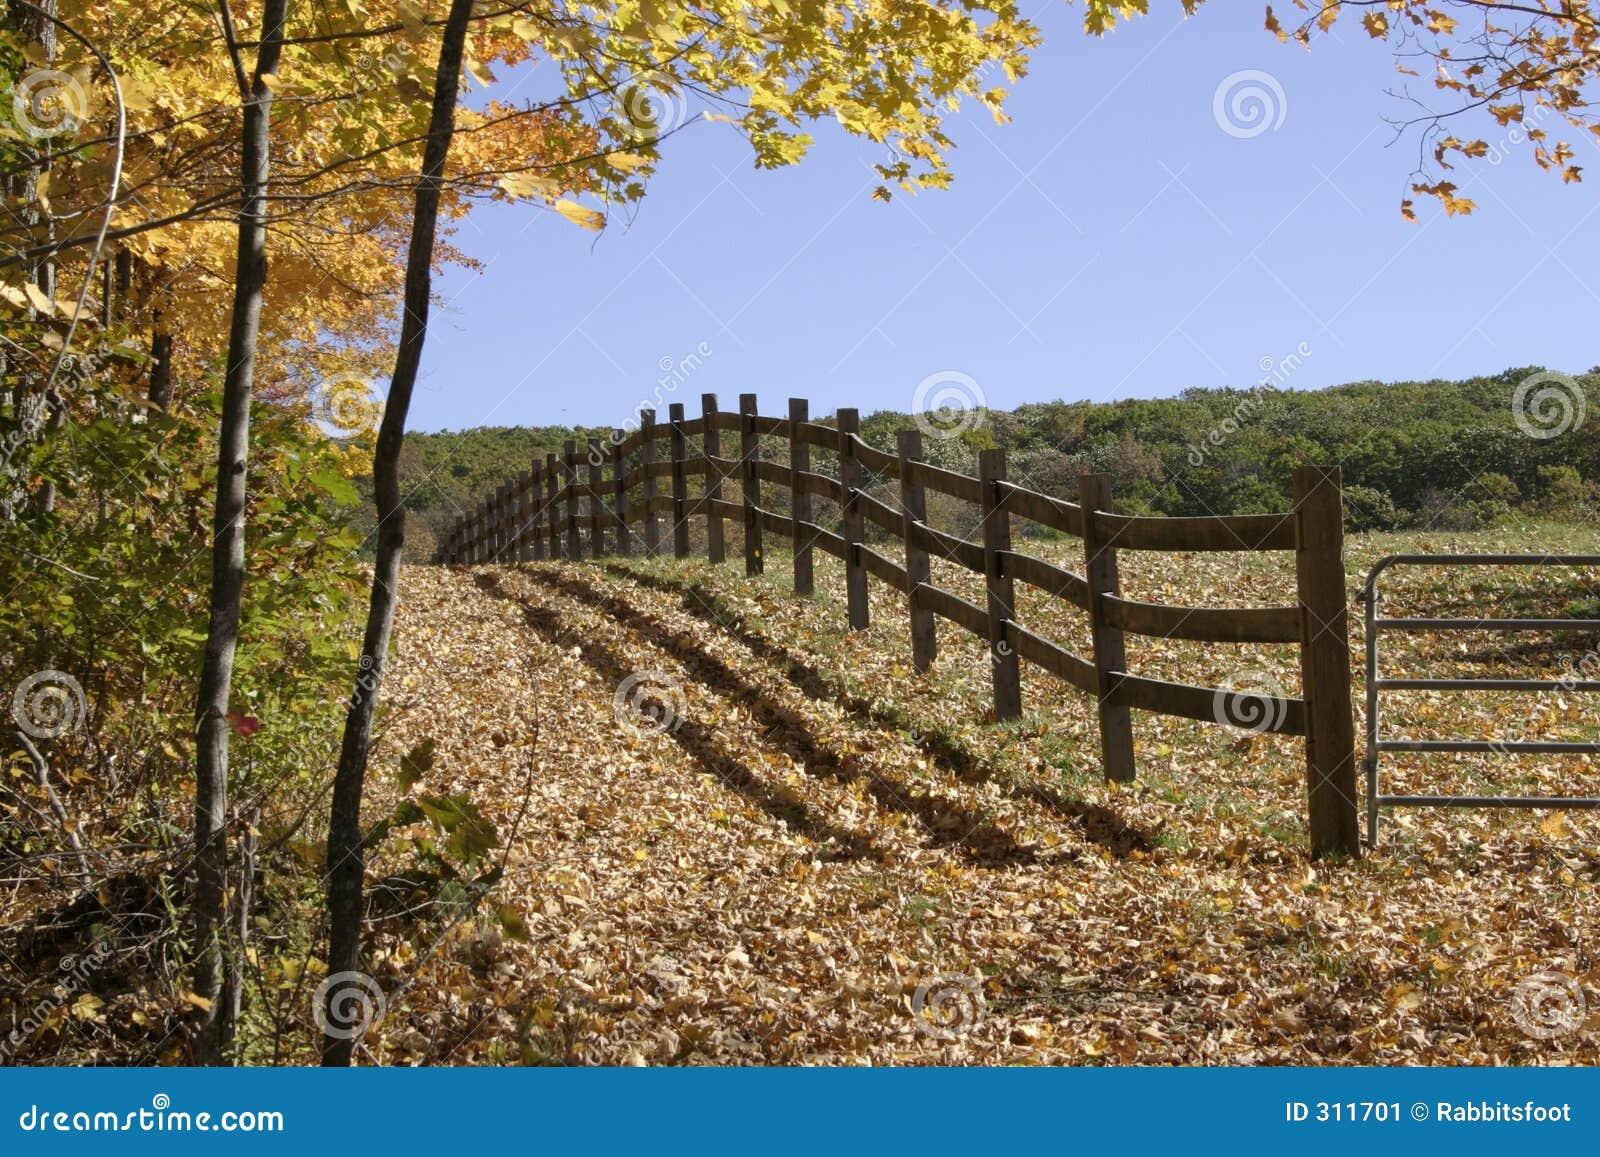 Granja cercada imagen de archivo imagen 311701 - Cercado de madera ...